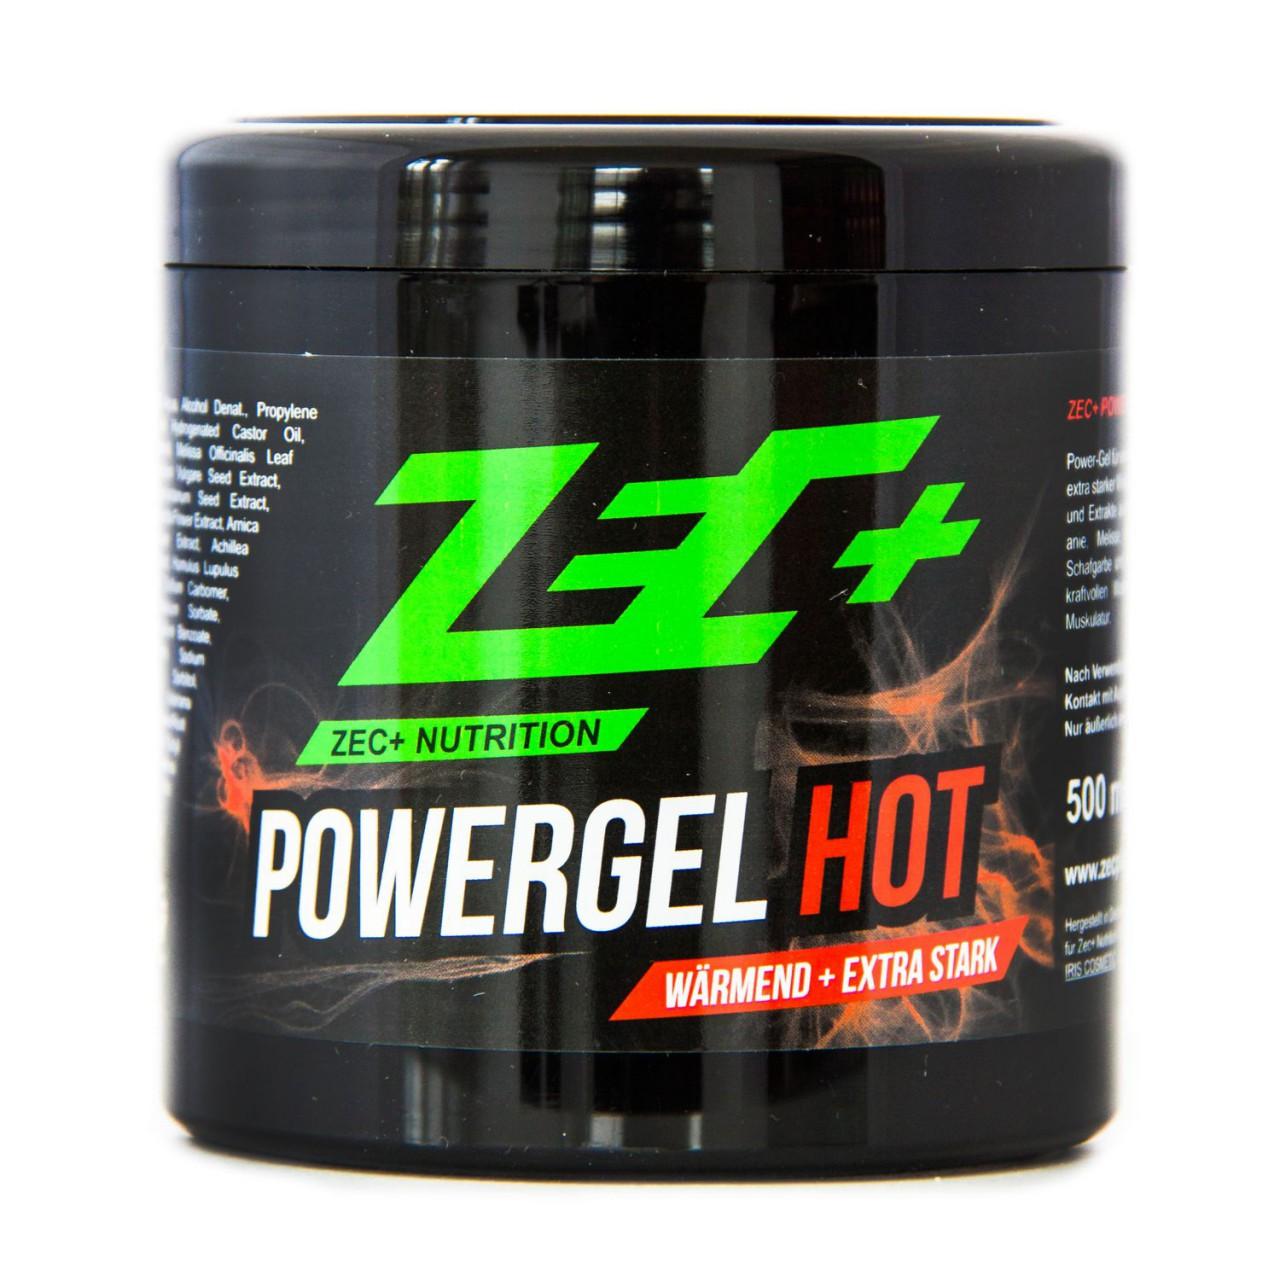 ZEC+ Powergel Hot!